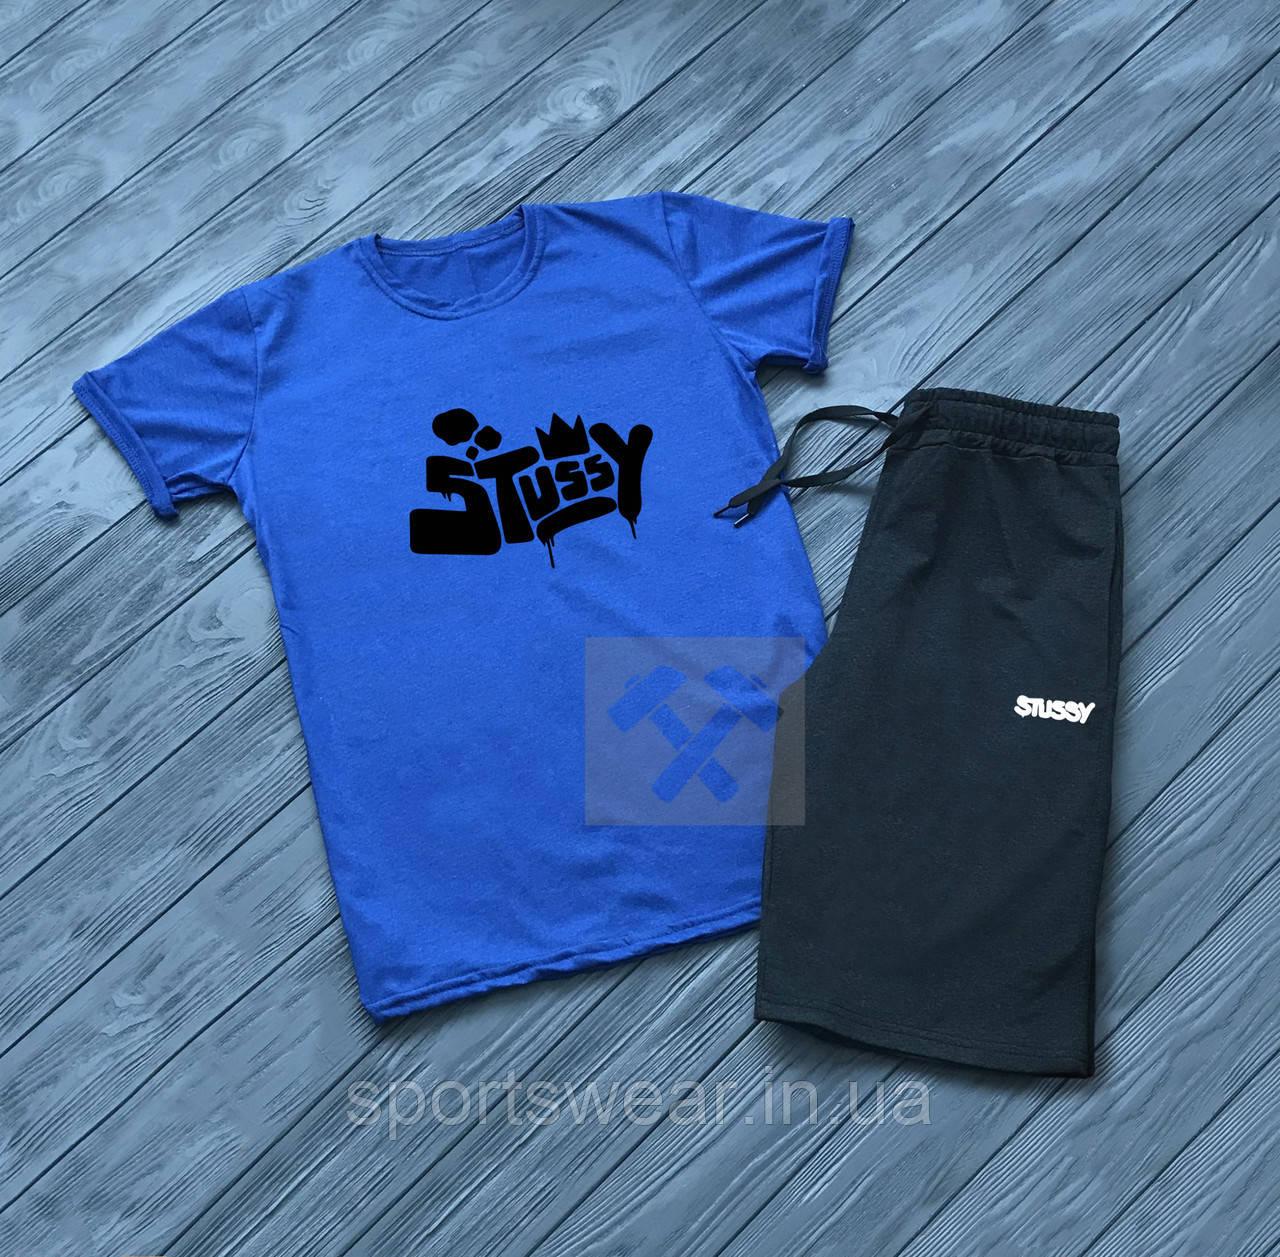 """Мужской комплект футболка + шорты Stussy синего и черного цвета """""""" В стиле Stussy """""""""""